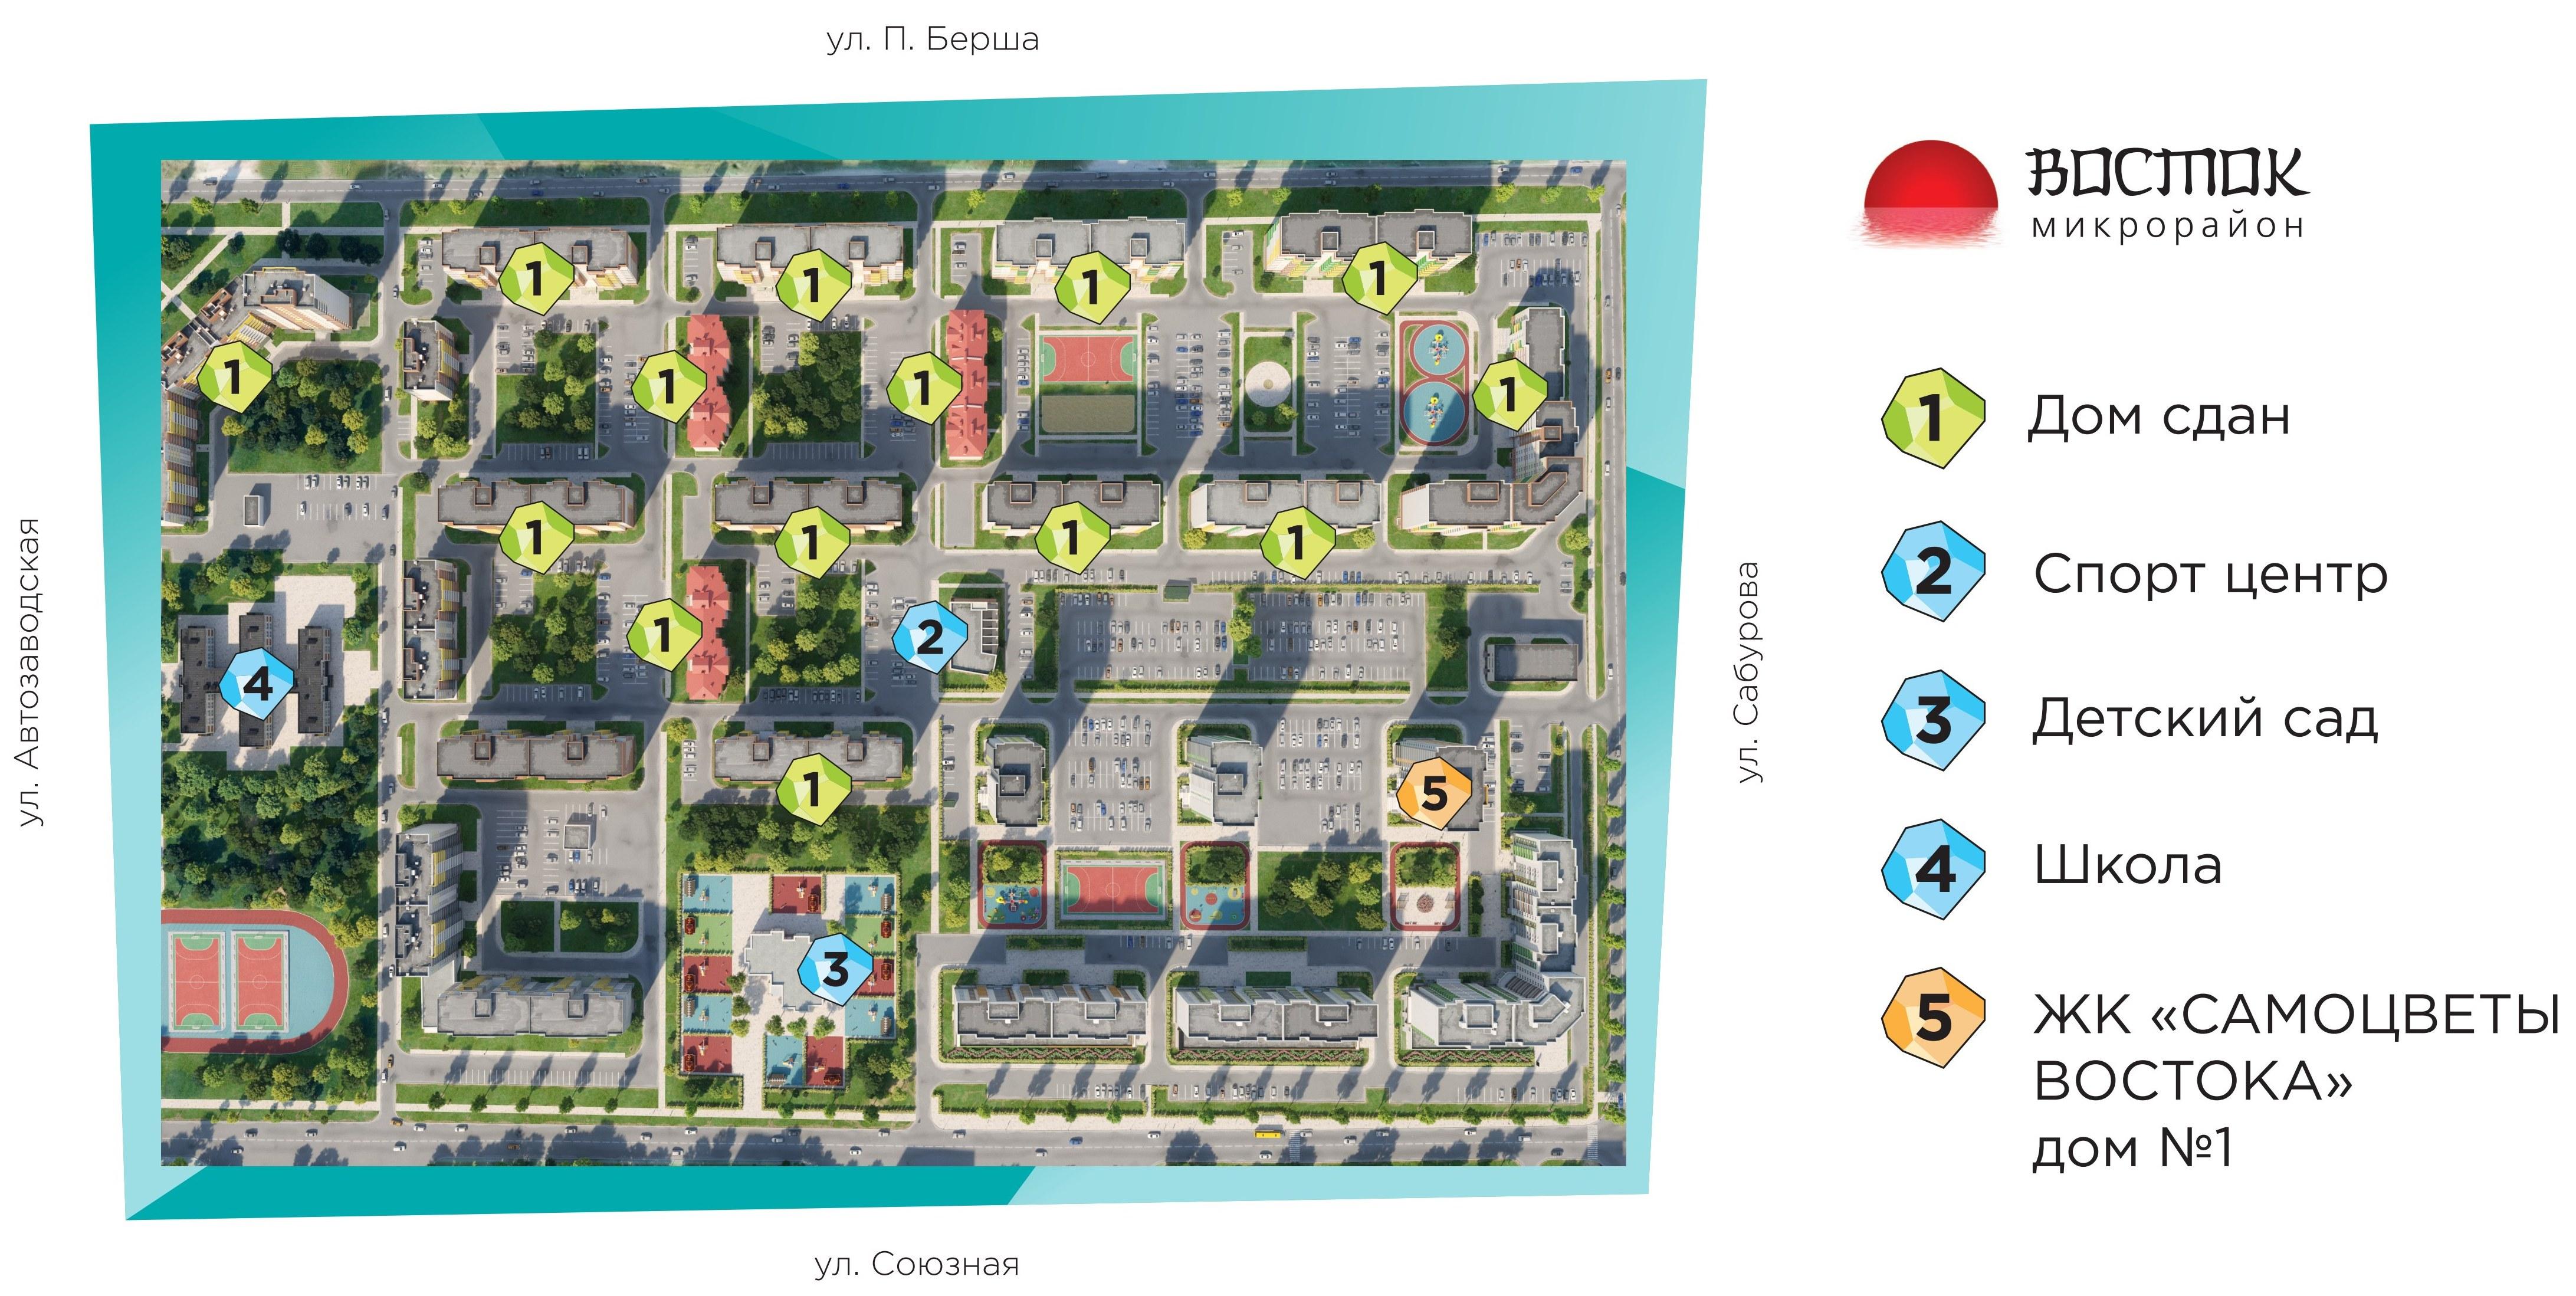 Генеральный план 8-го микрорайона жилого района «Восточный» в Устиновском районе г. Ижевска